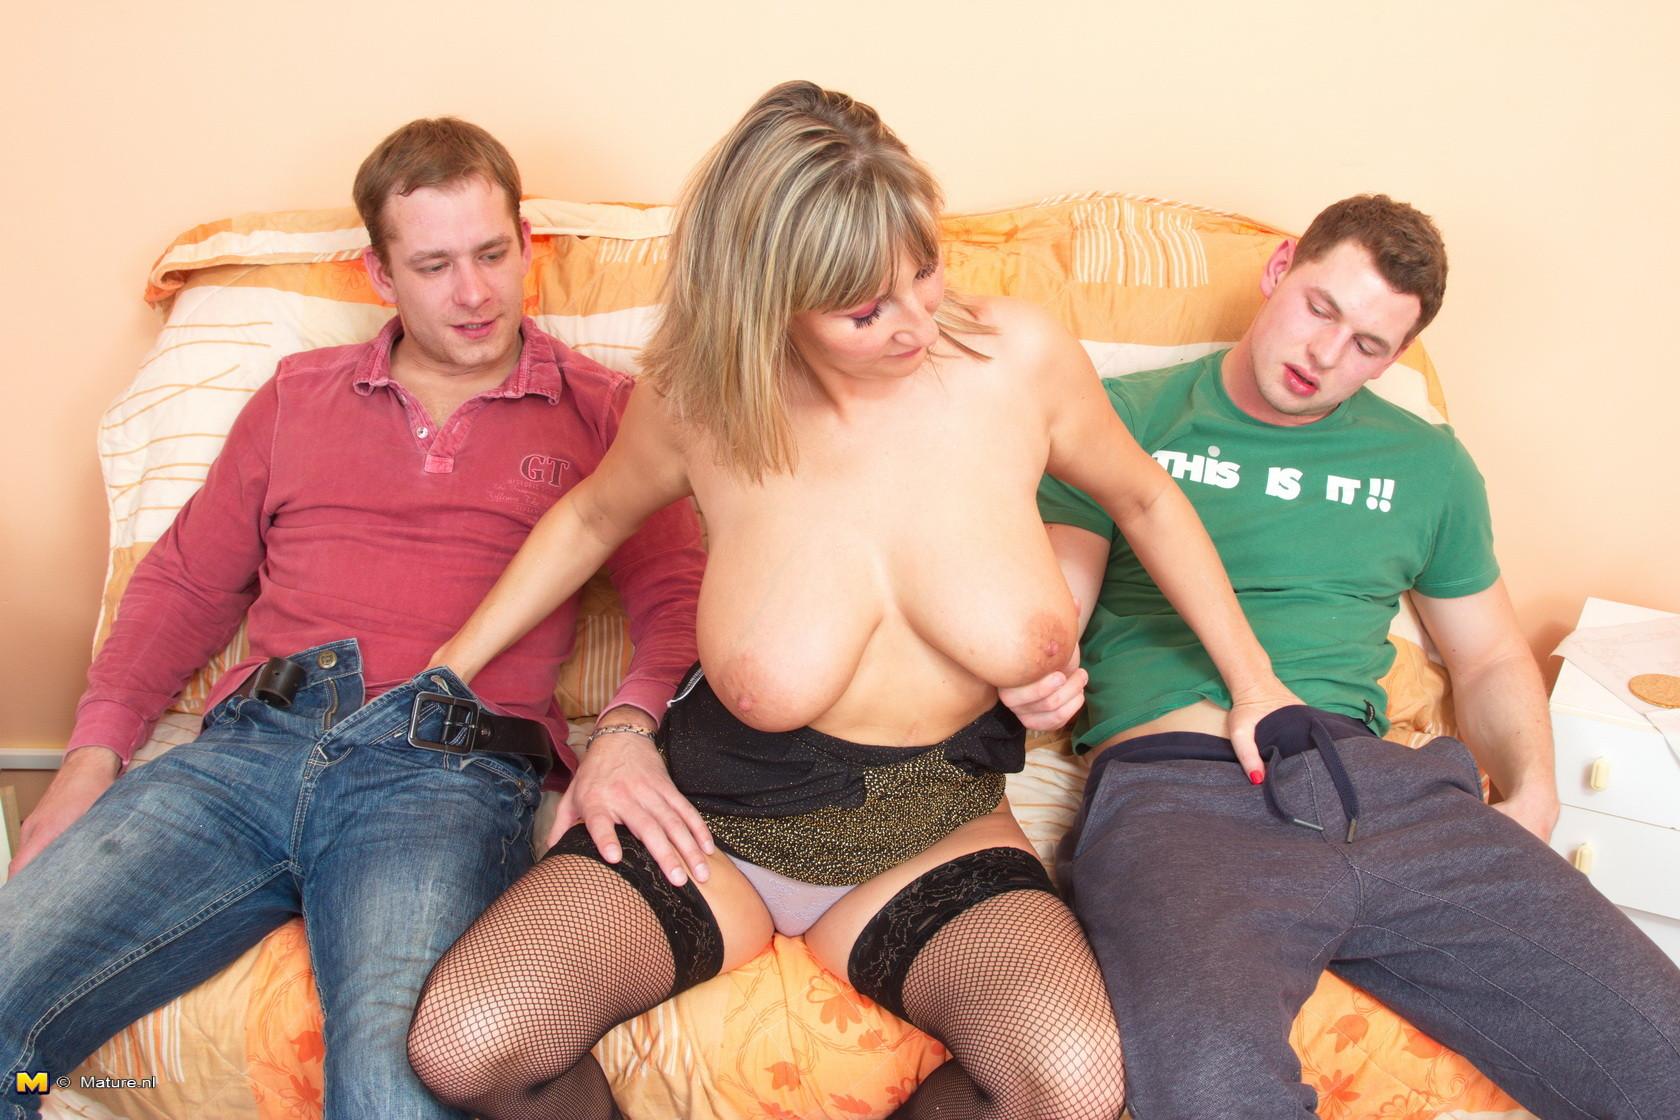 Русское порно дама совращает мальчика, Русская зрелая соблазняет мальчика - видео Yo-Sex 14 фотография